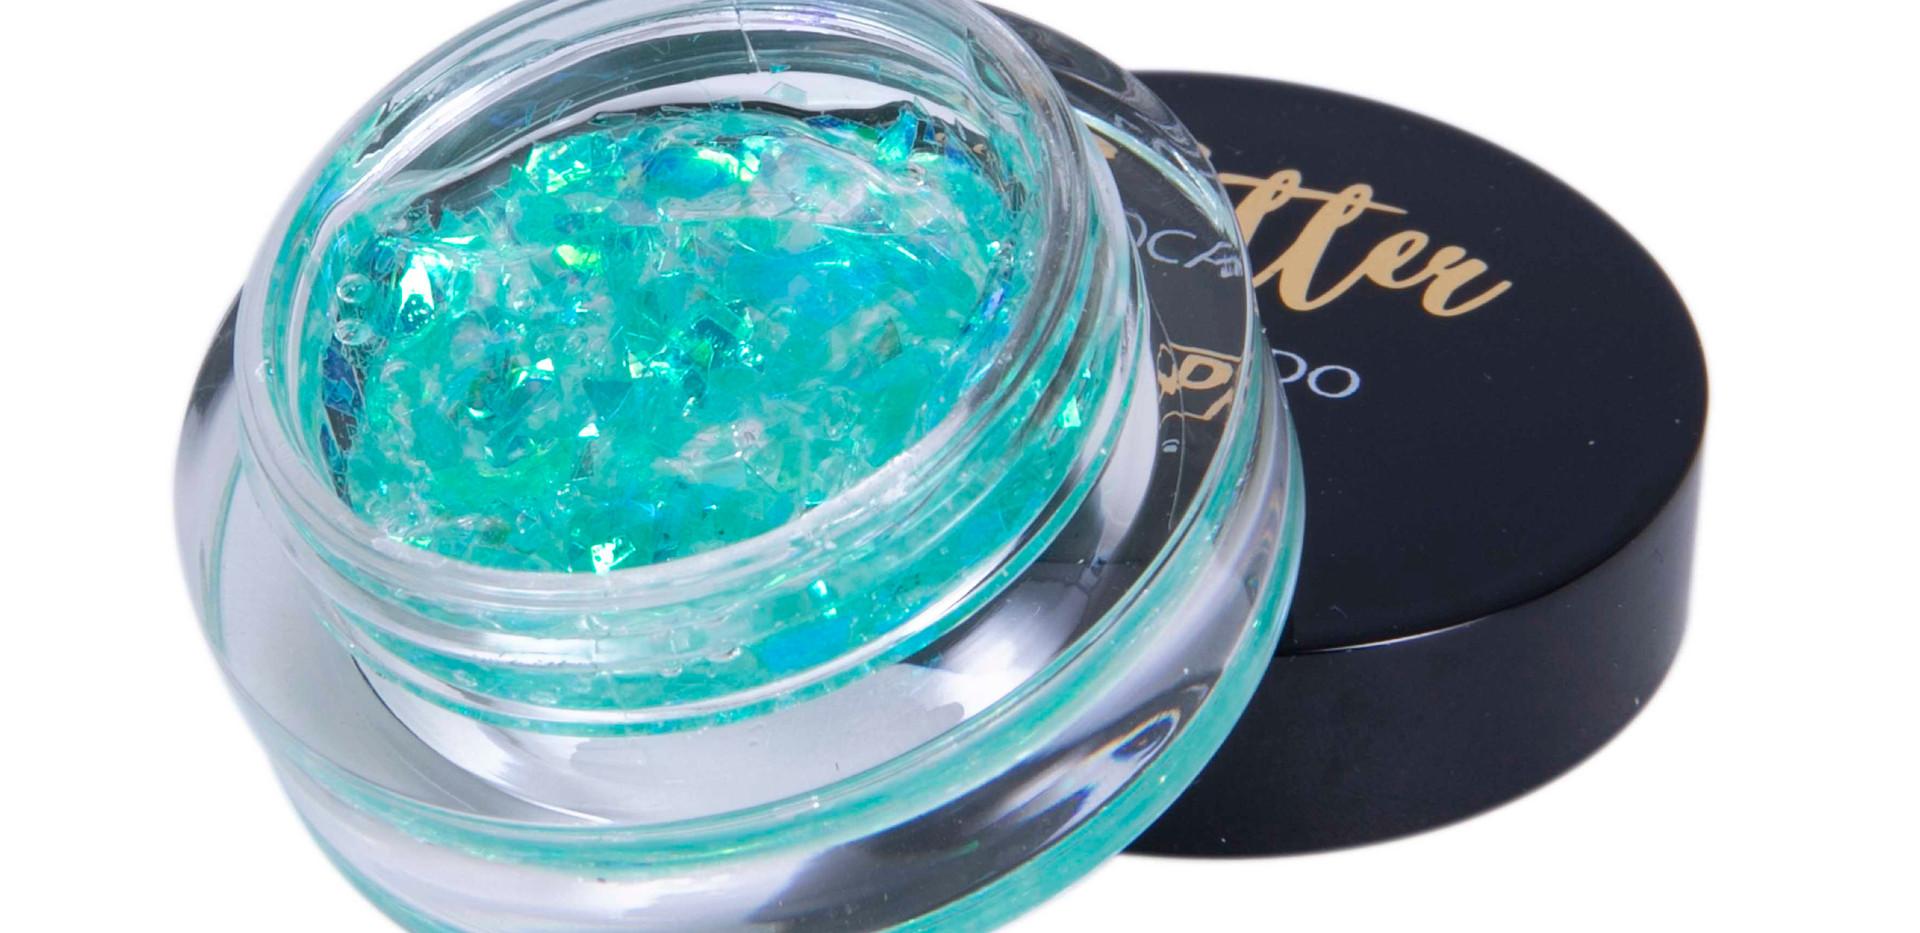 Glitter Flocado com Gel Dapop - HB96974 (cor 6)